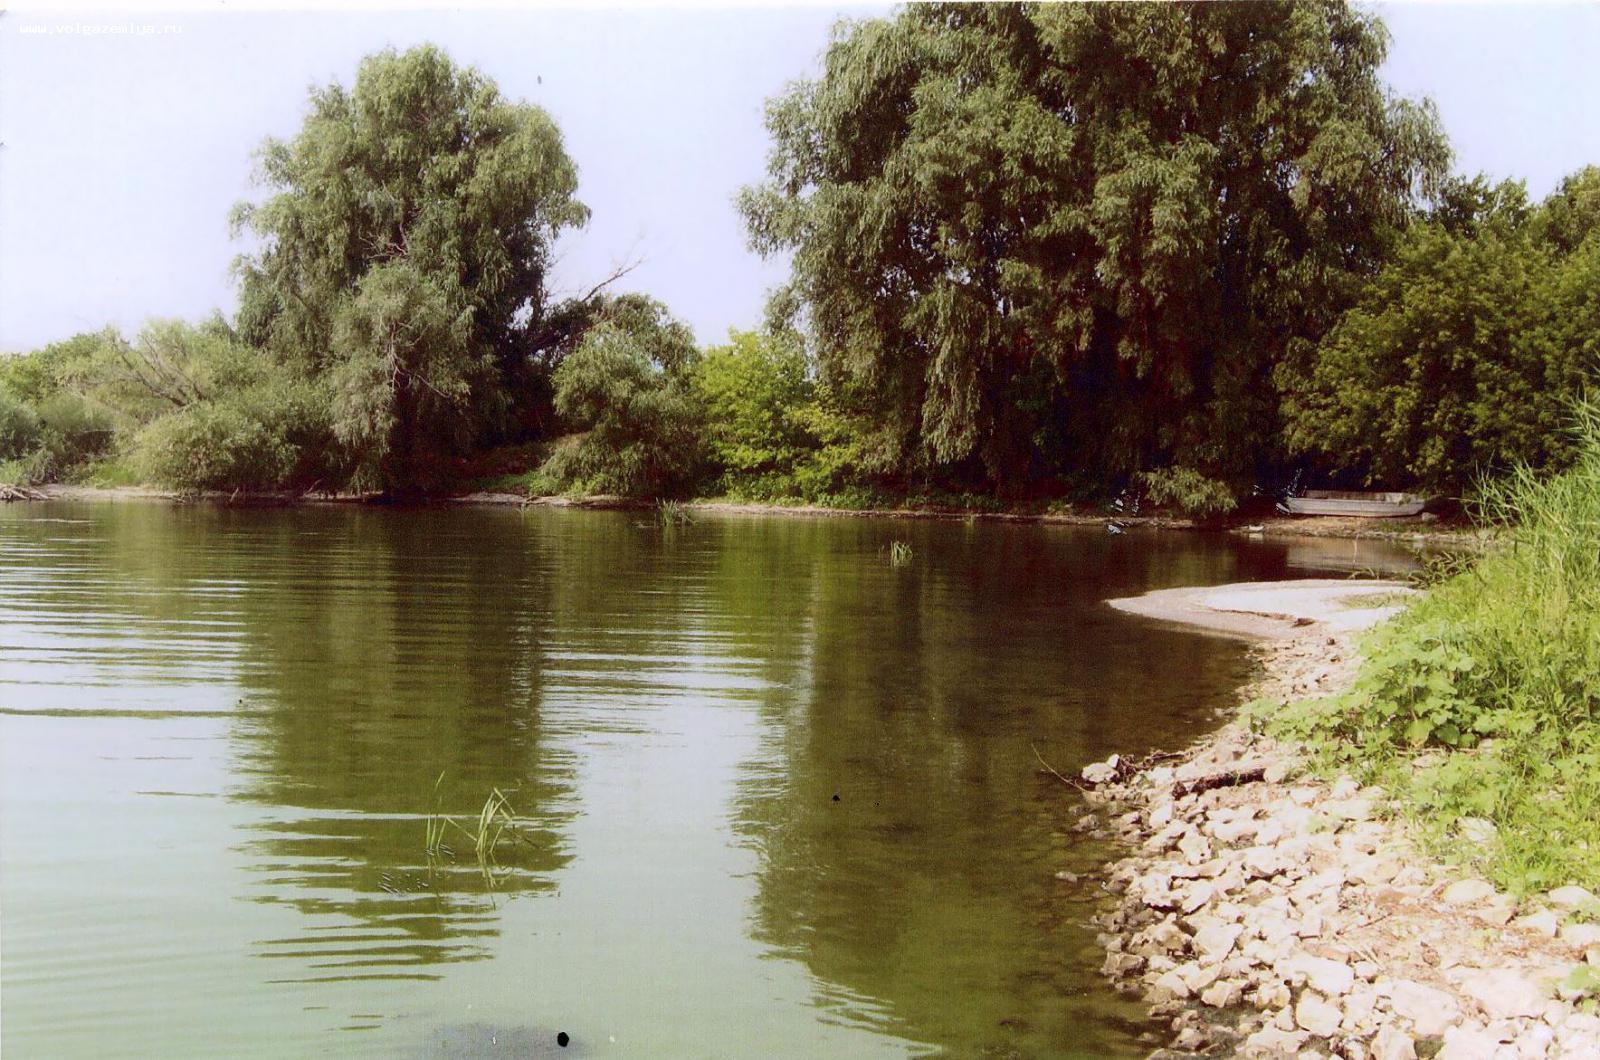 жильё красивое место для дачи в саратовской области Спасибо информативную статью